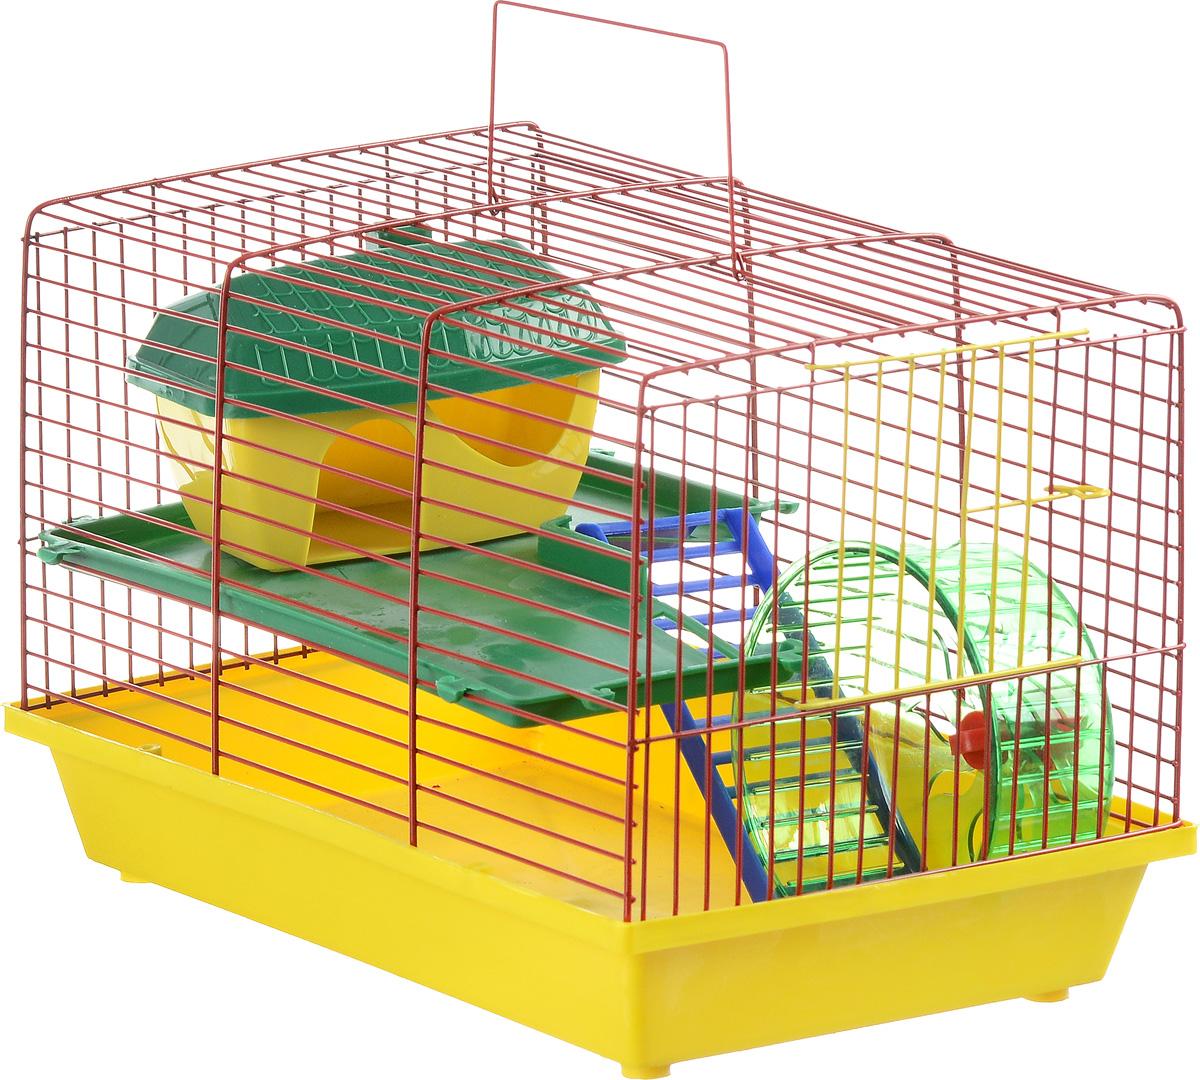 Клетка для грызунов  ЗооМарк , 2-этажная, цвет: желтый поддон, красная решетка, зеленый этаж, 36 х 23 х 24 см